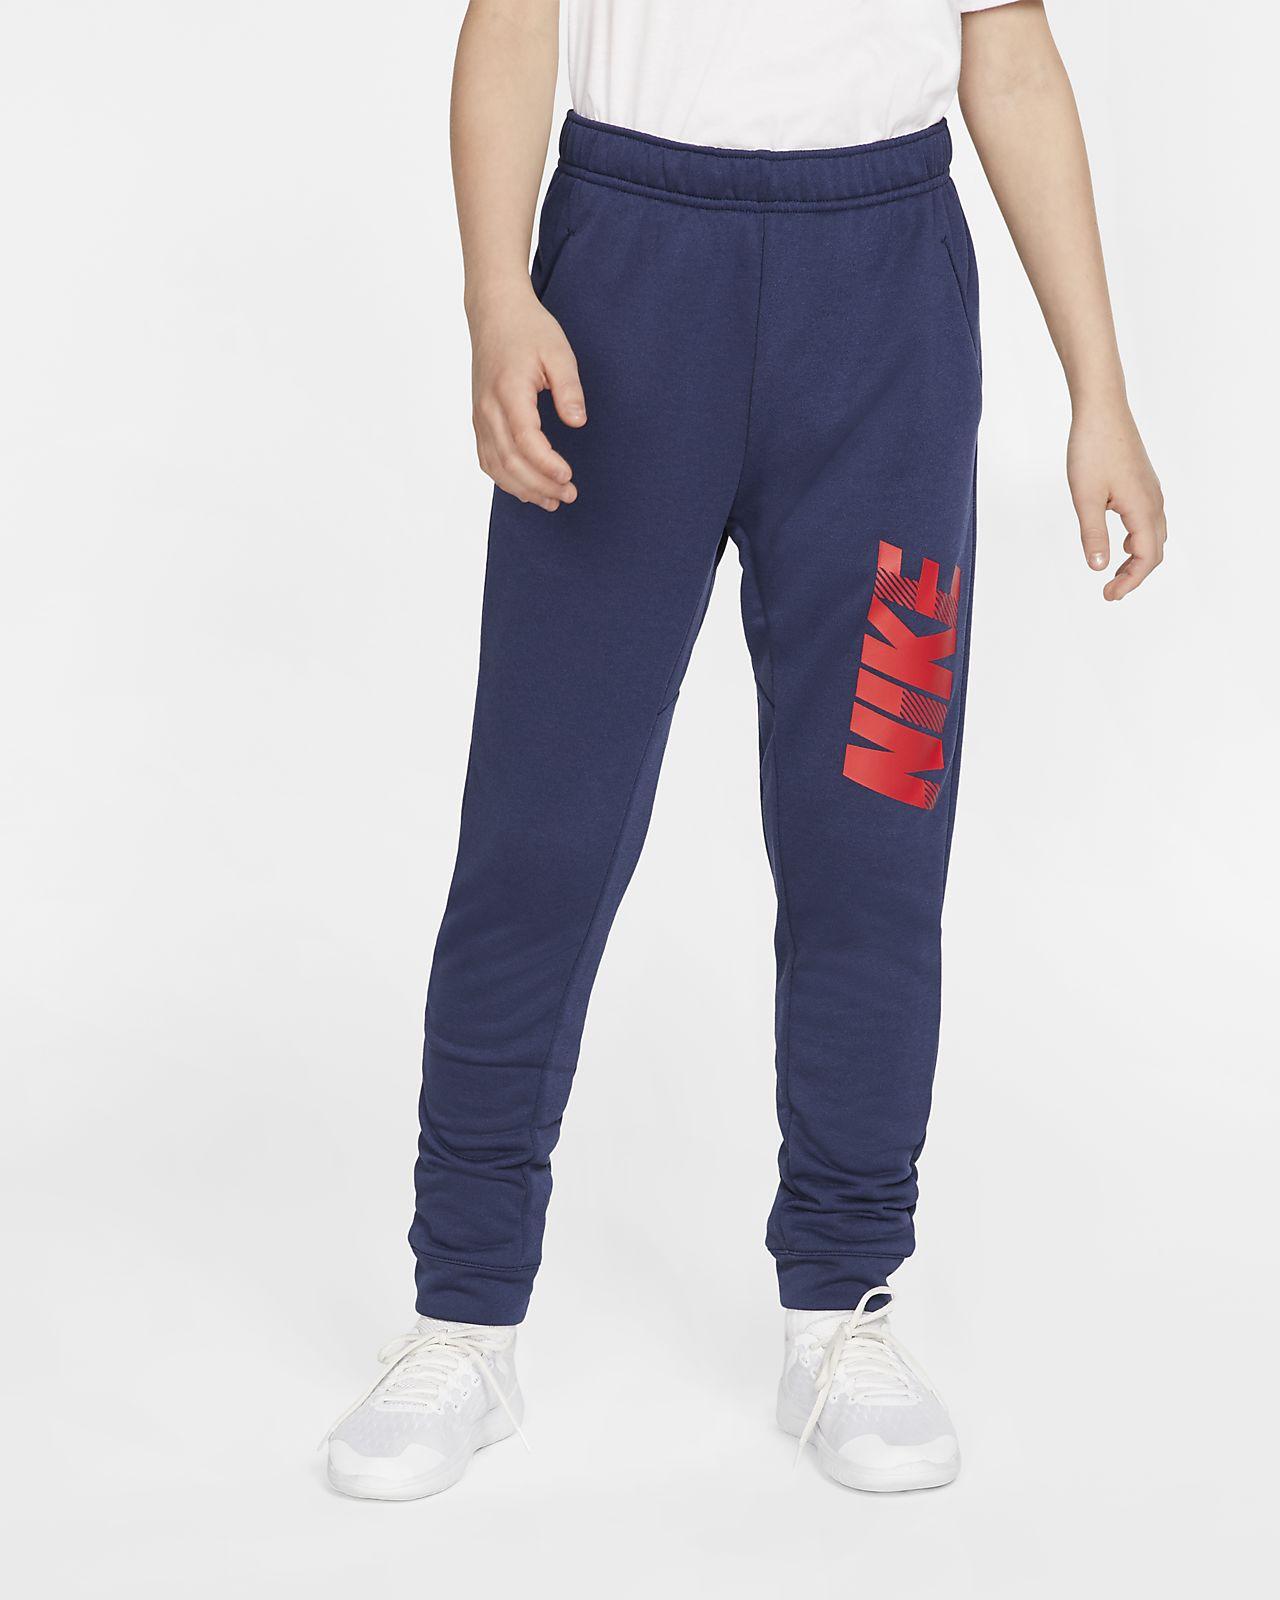 Nike Dri-FIT Trainingsbroek met toelopend design en graphic voor jongens